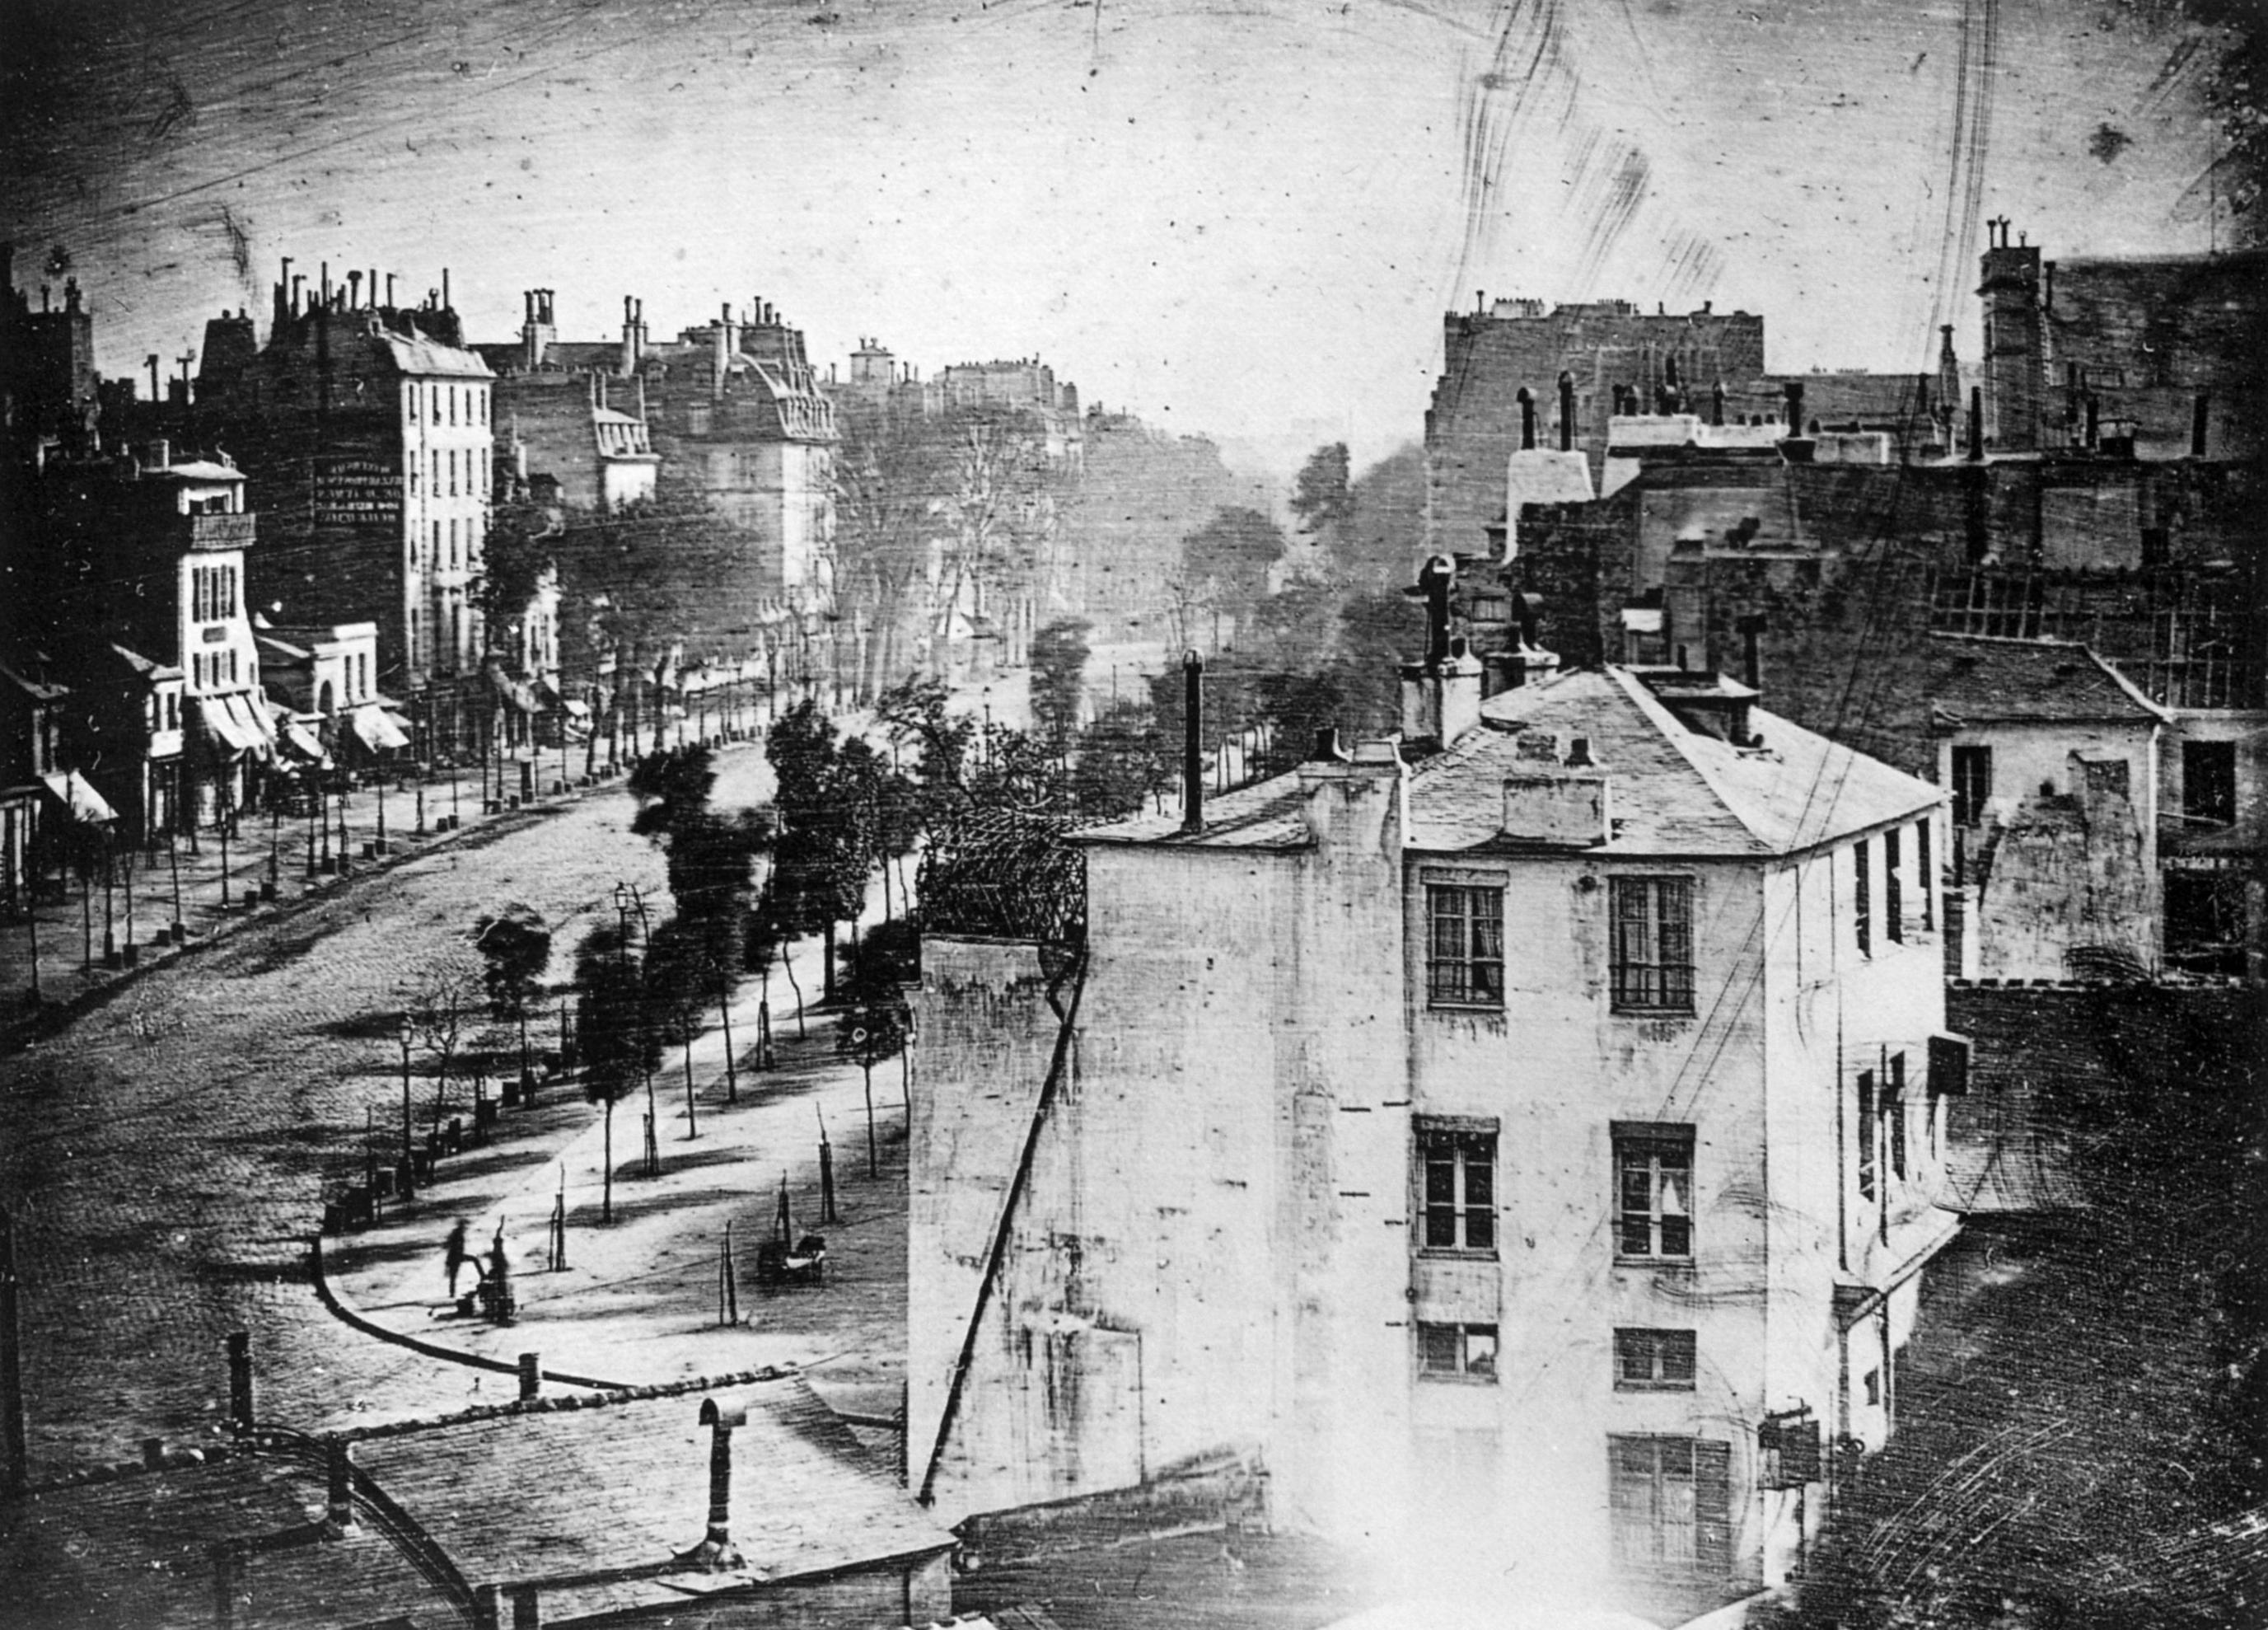 premiere photo homme 1838 Première photographie montrant une personne